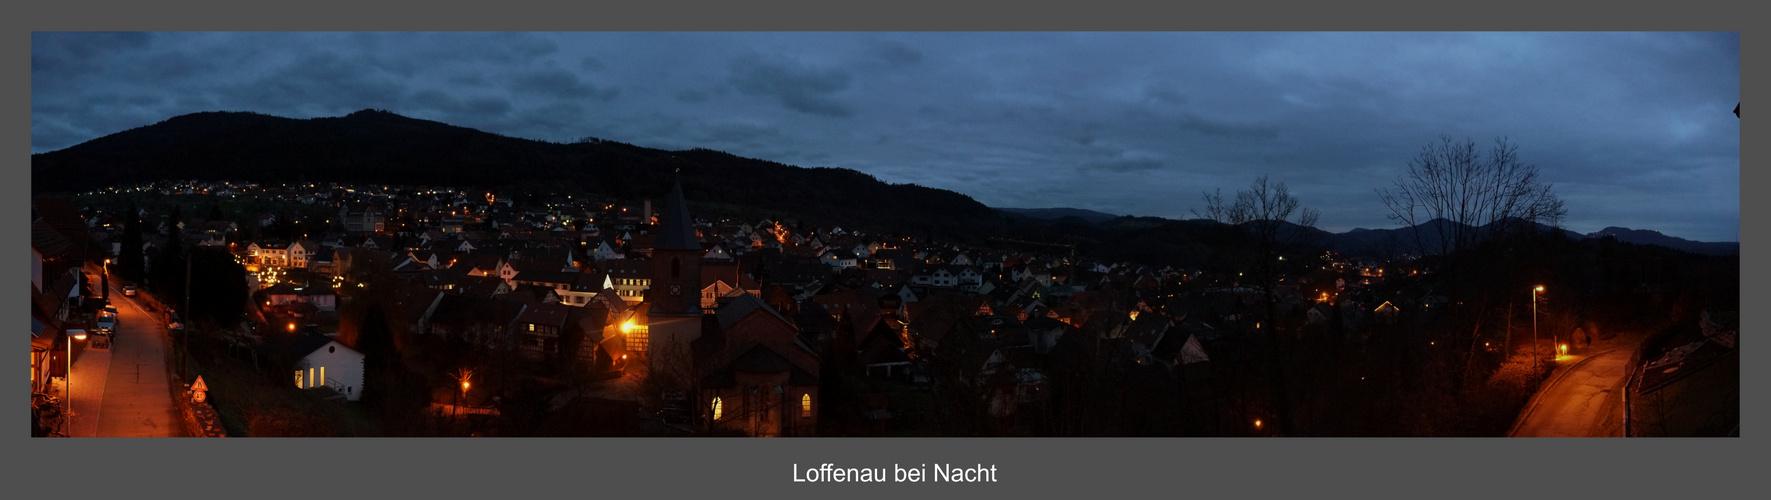 Unterhalb der Teufelsmühle (Loffenau) bei Nacht